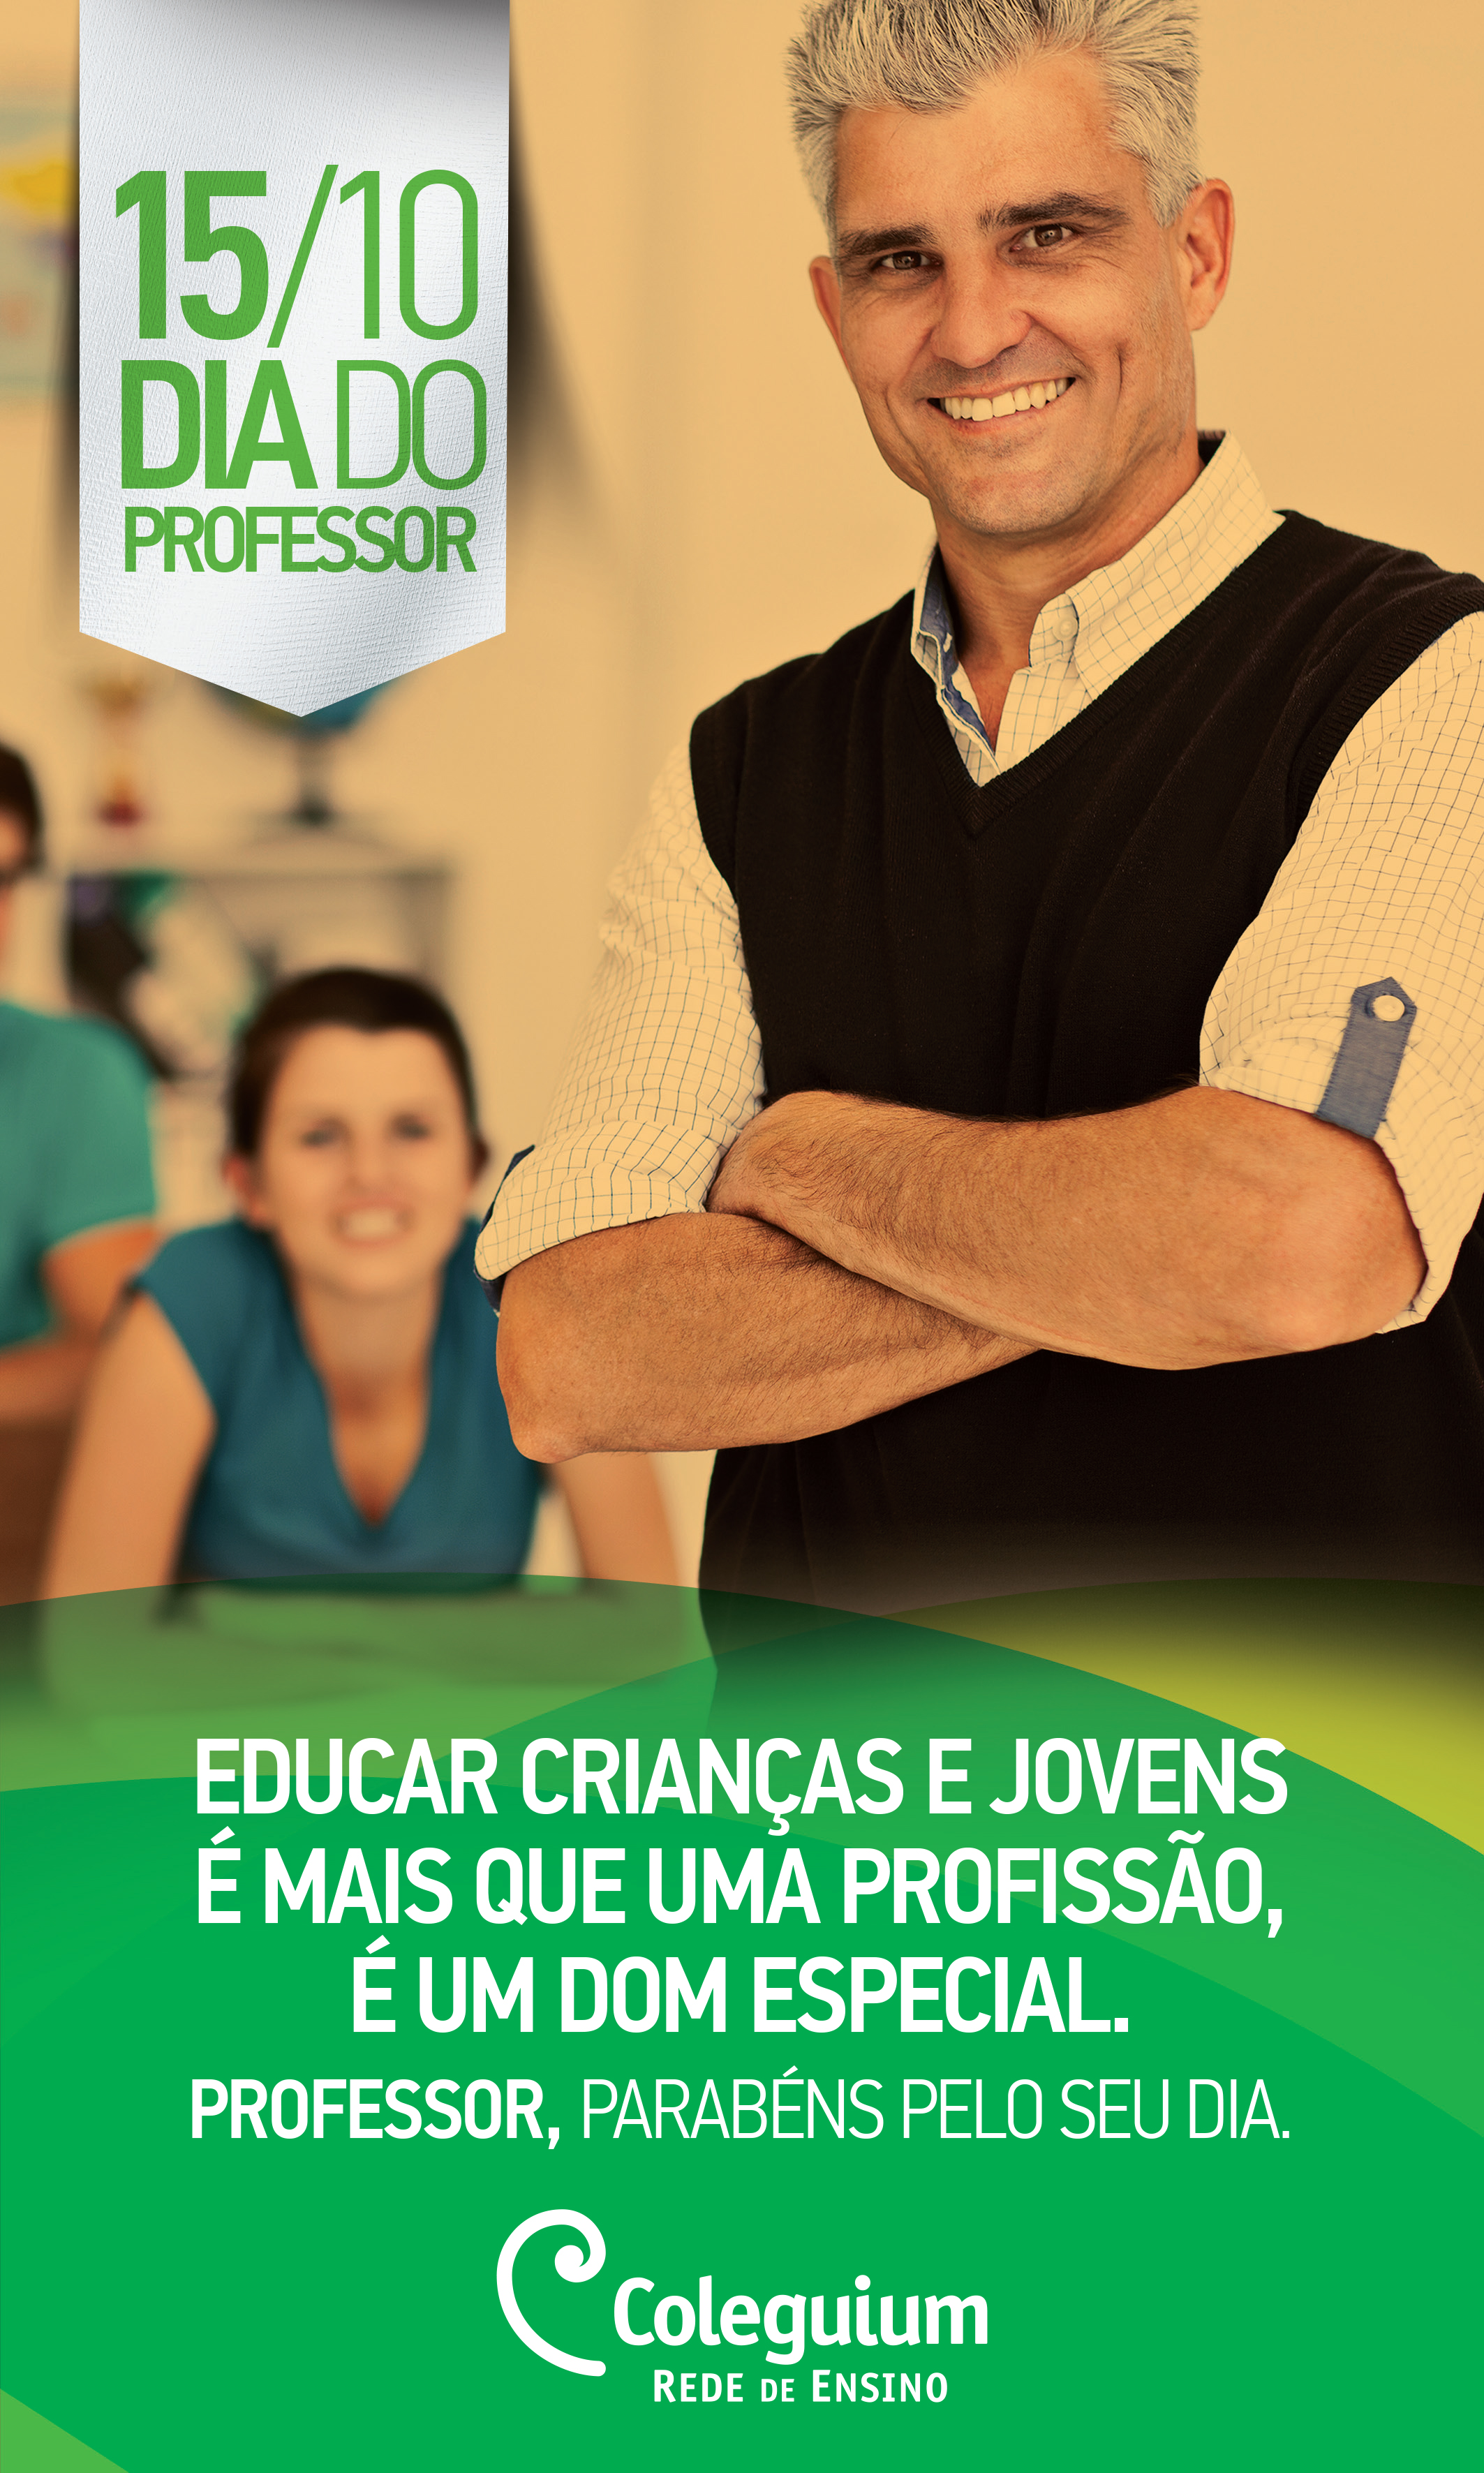 [SAIDA] Banners_professores_coleguium_5